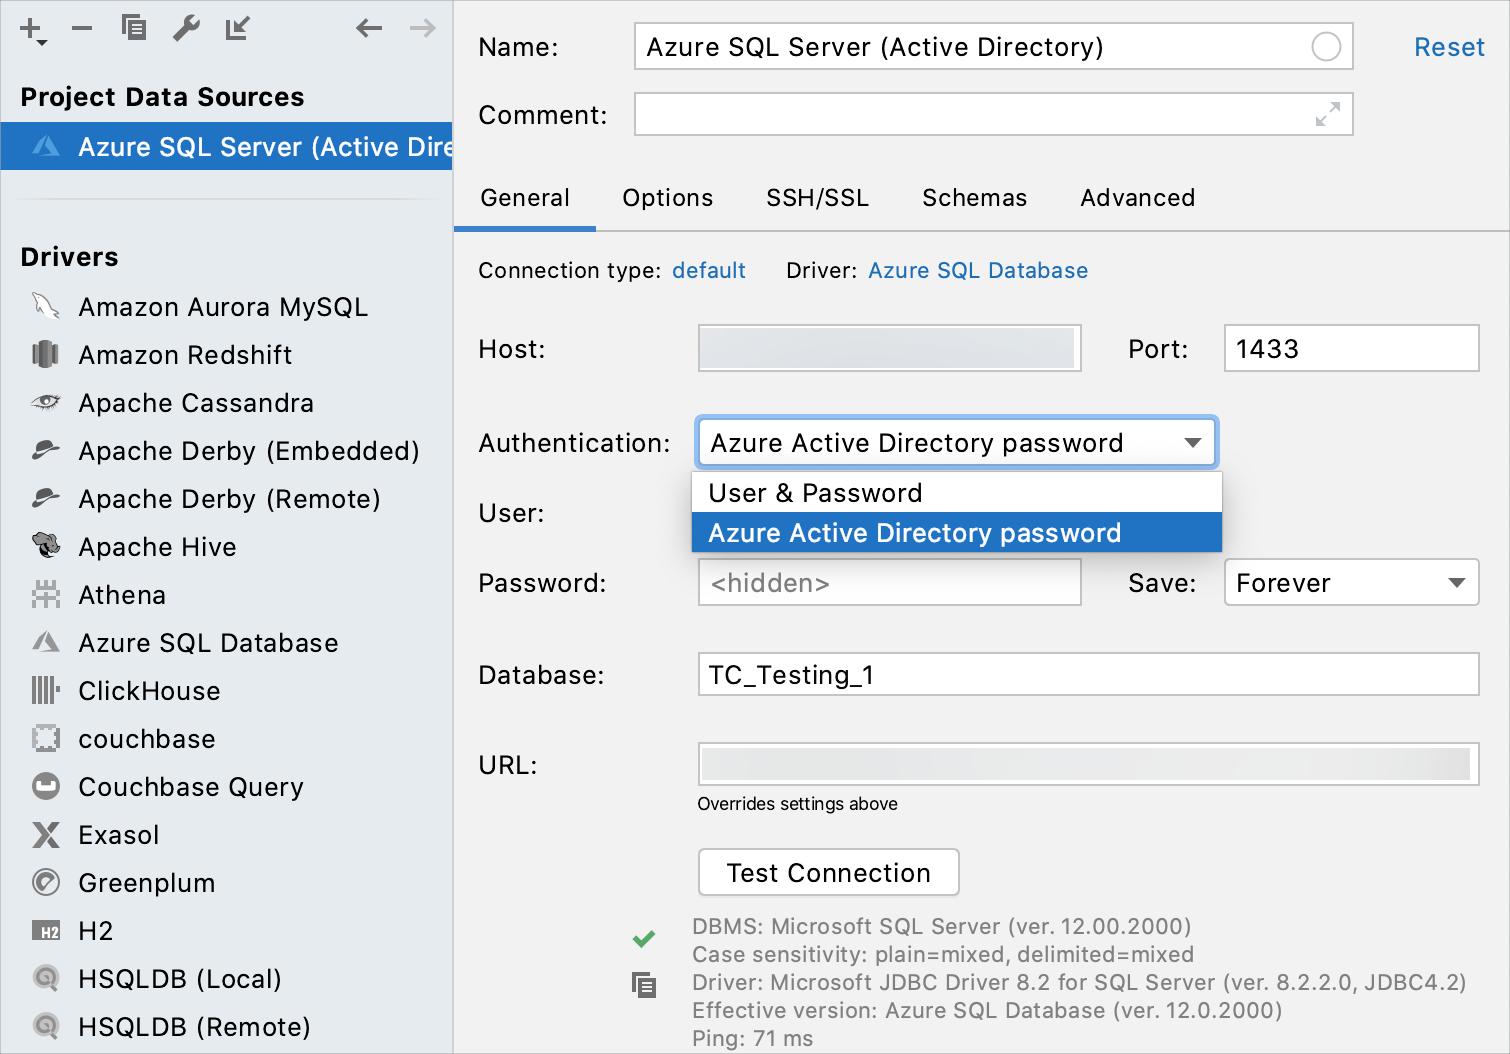 Integration with Azure SQL Database